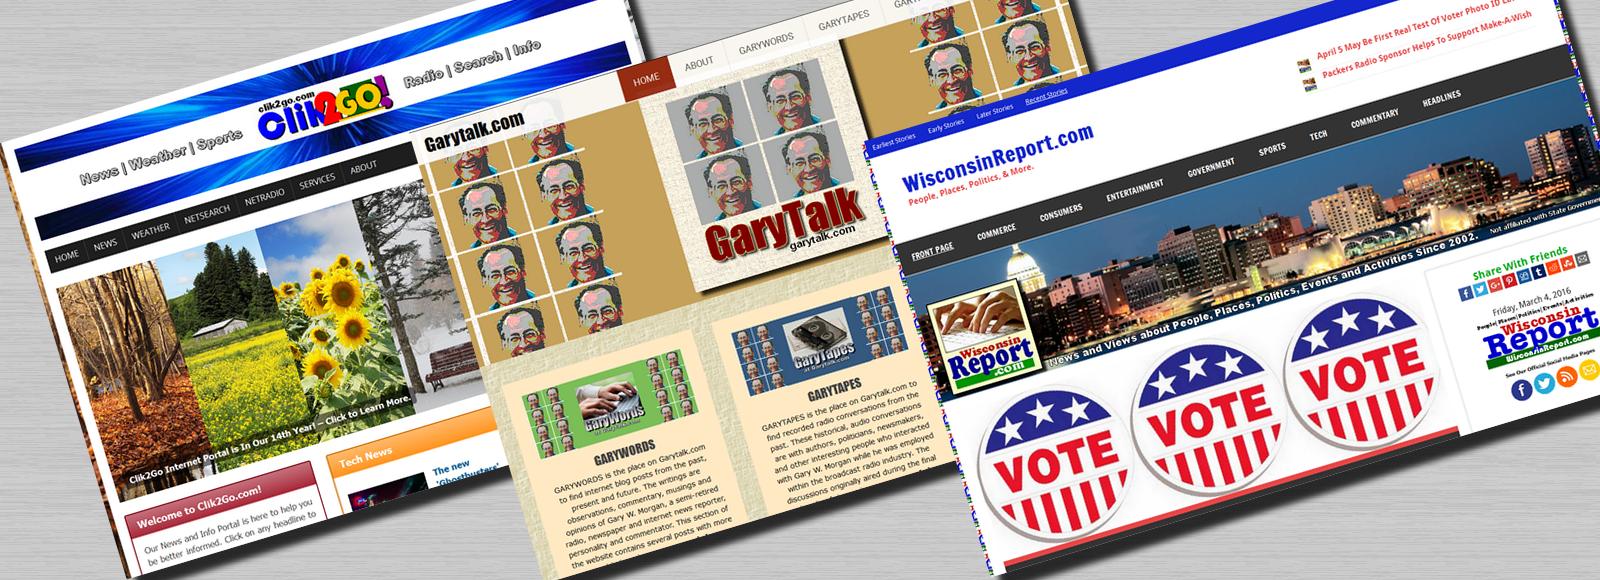 greatgraphix-built_websites-group-2_1600x600